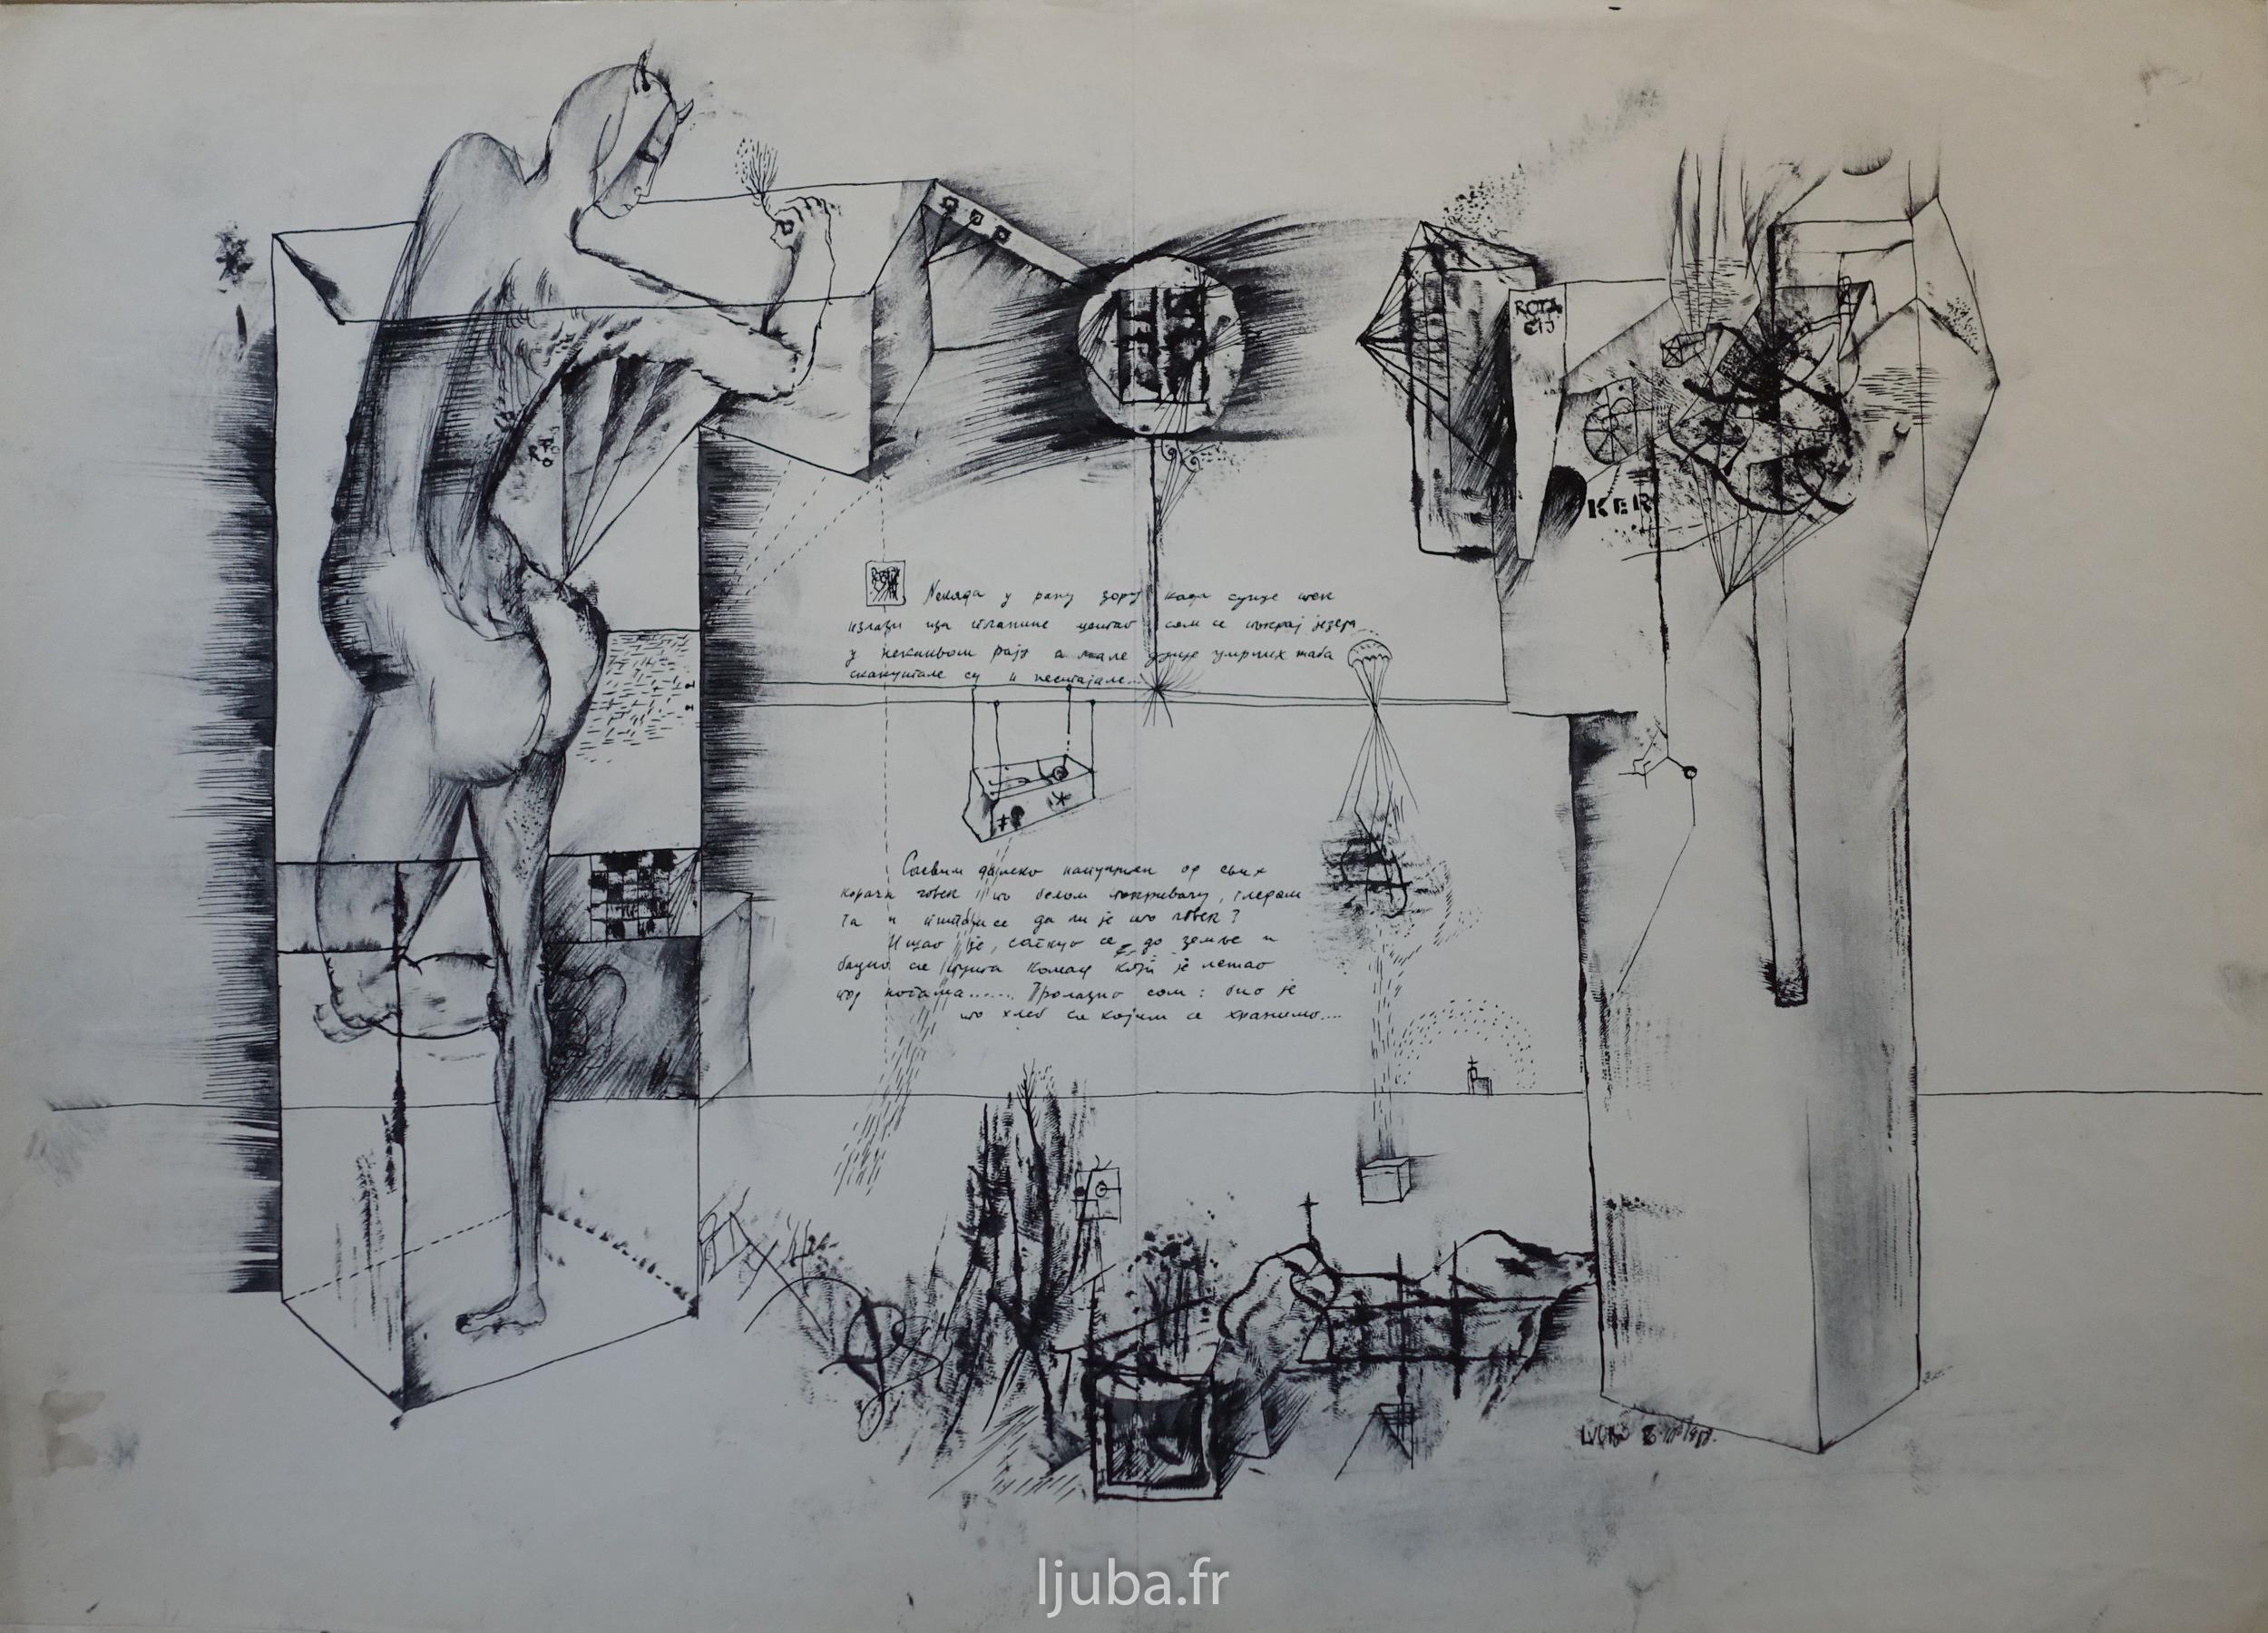 Ljuba Popovic - Dessin - Crtež - Drawing